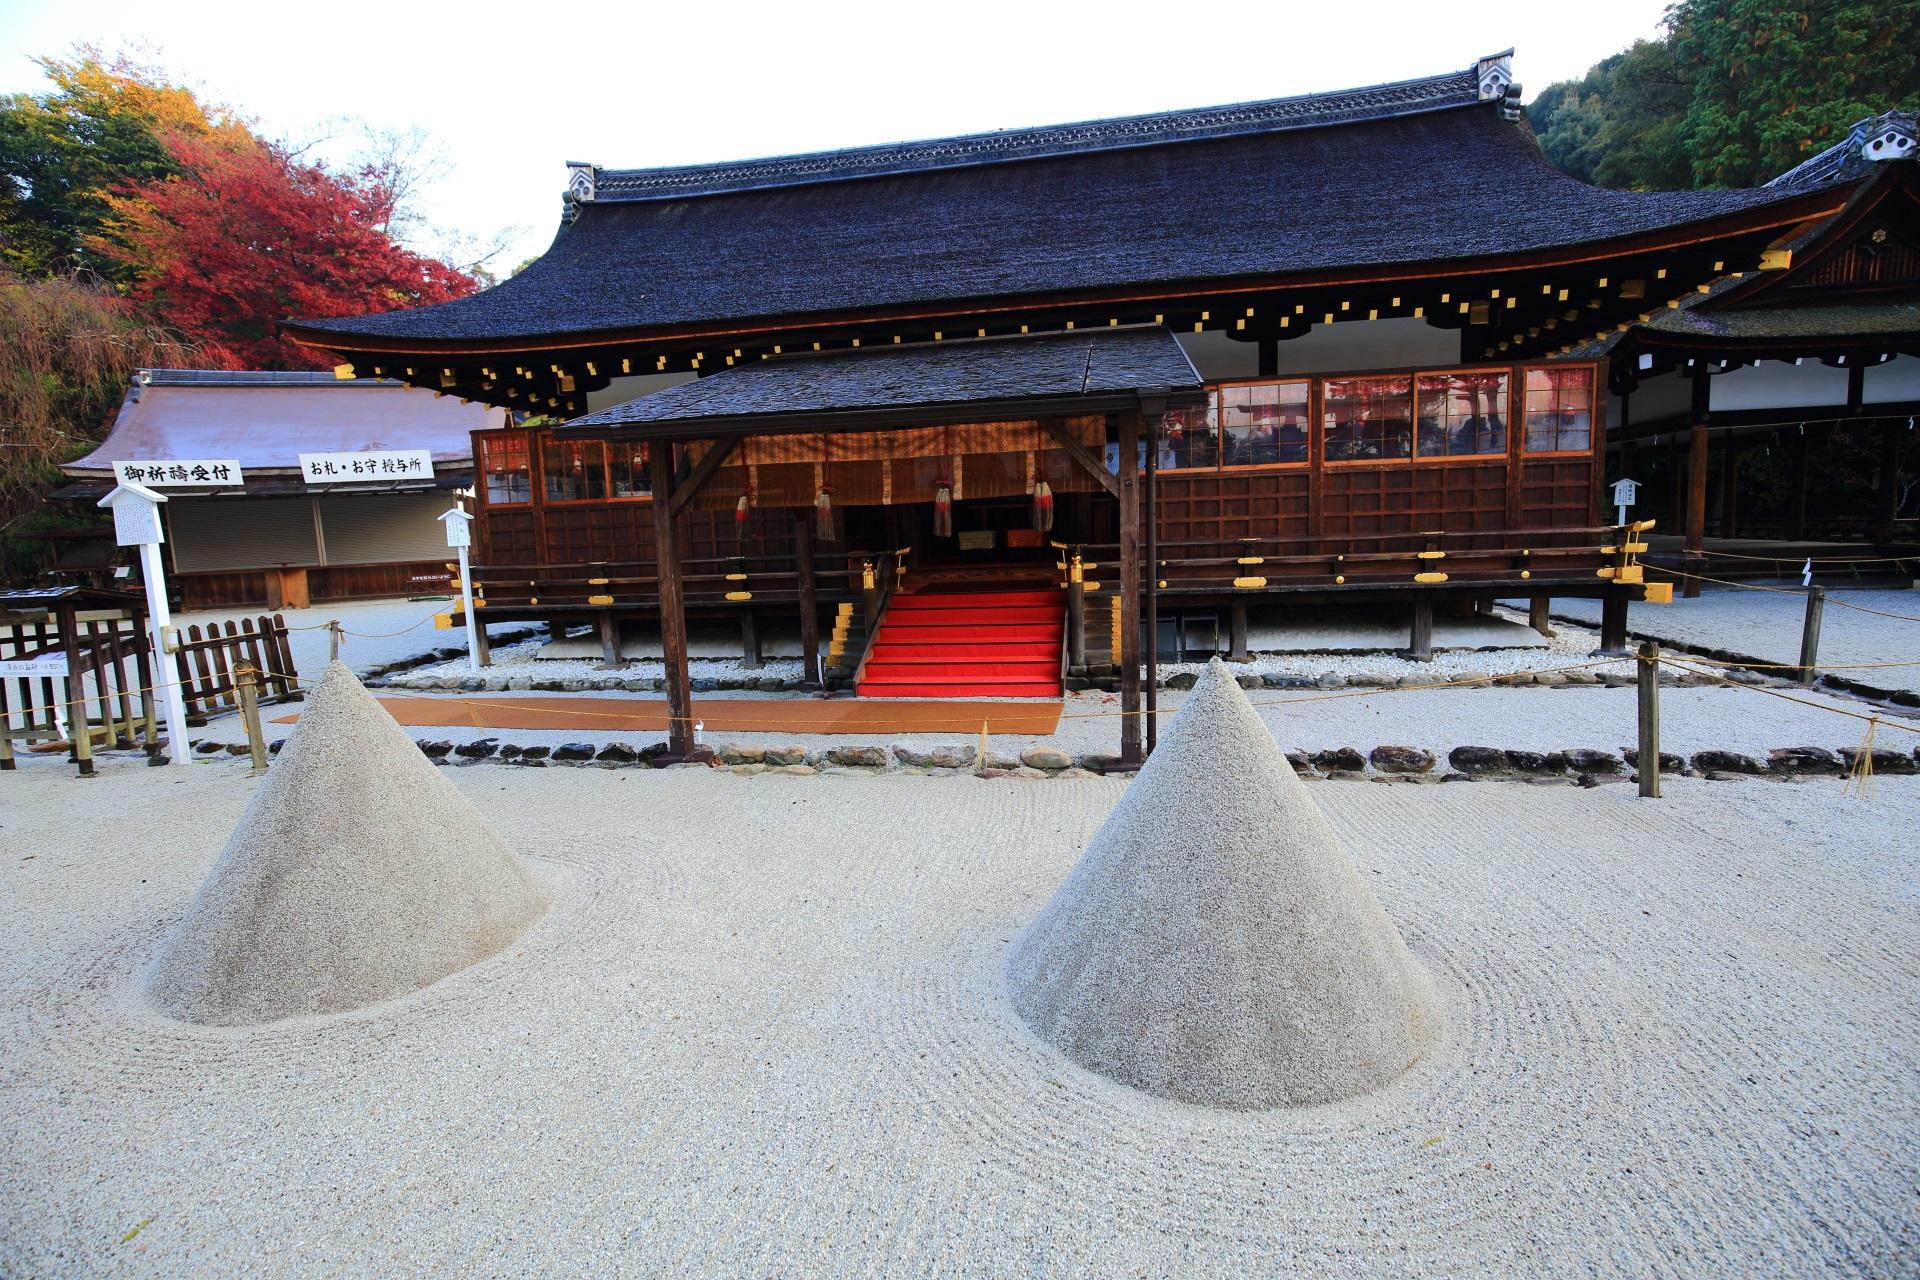 上賀茂神社の細殿と立砂と華やぐ紅葉